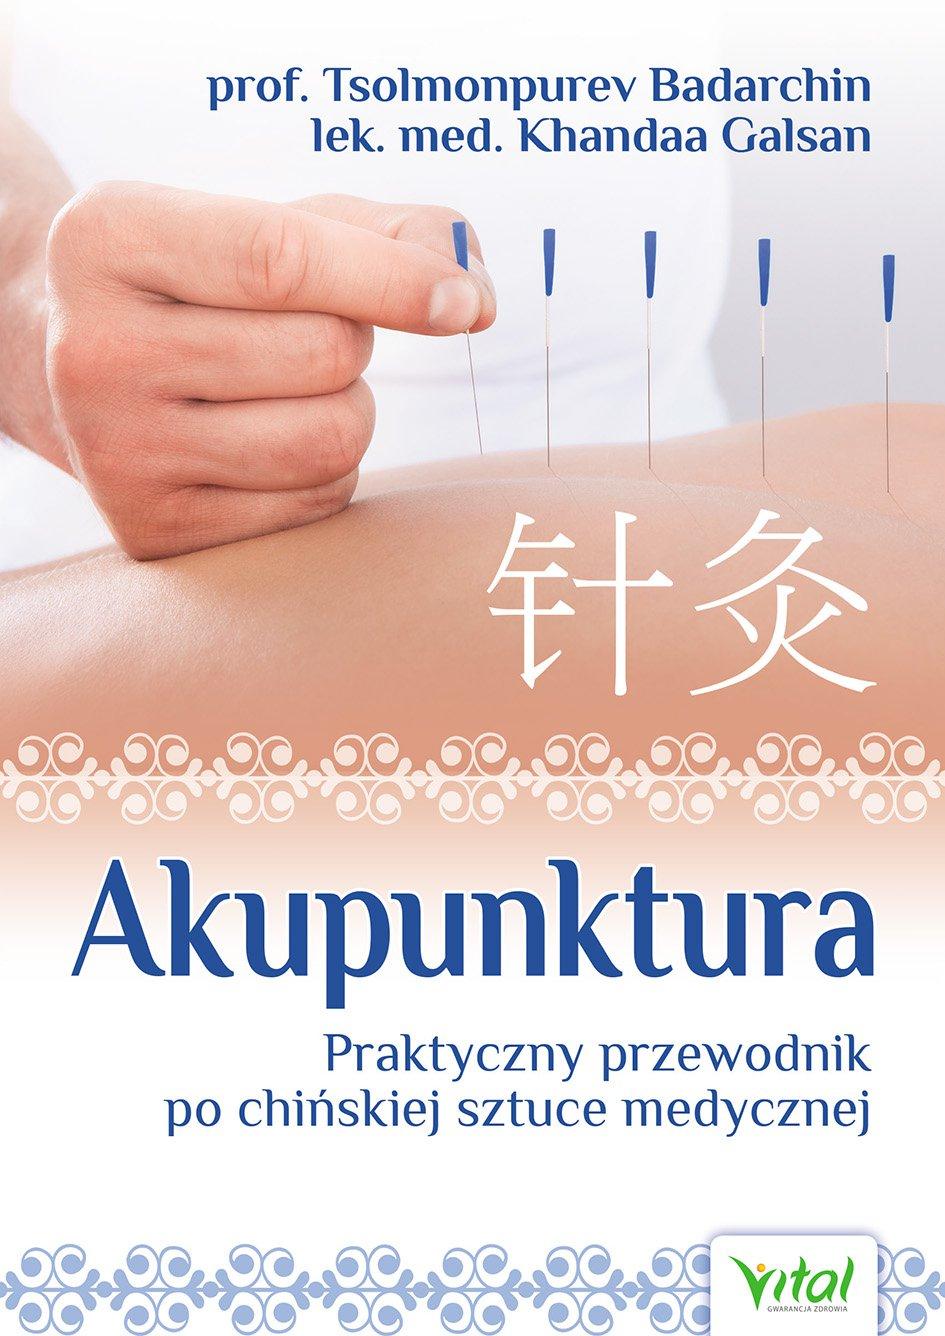 Akupunktura. Praktyczny przewodnik po chińskiej sztuce medycznej - Ebook (Książka na Kindle) do pobrania w formacie MOBI